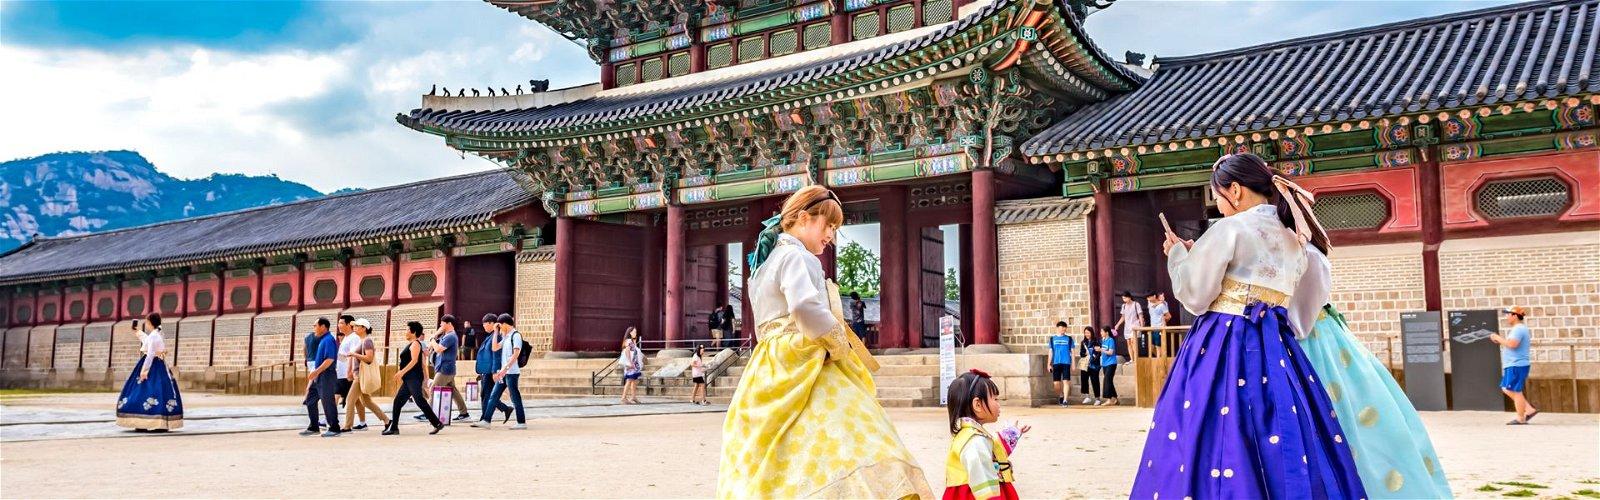 ทัวร์เกาหลี เดือนสิงหาคม